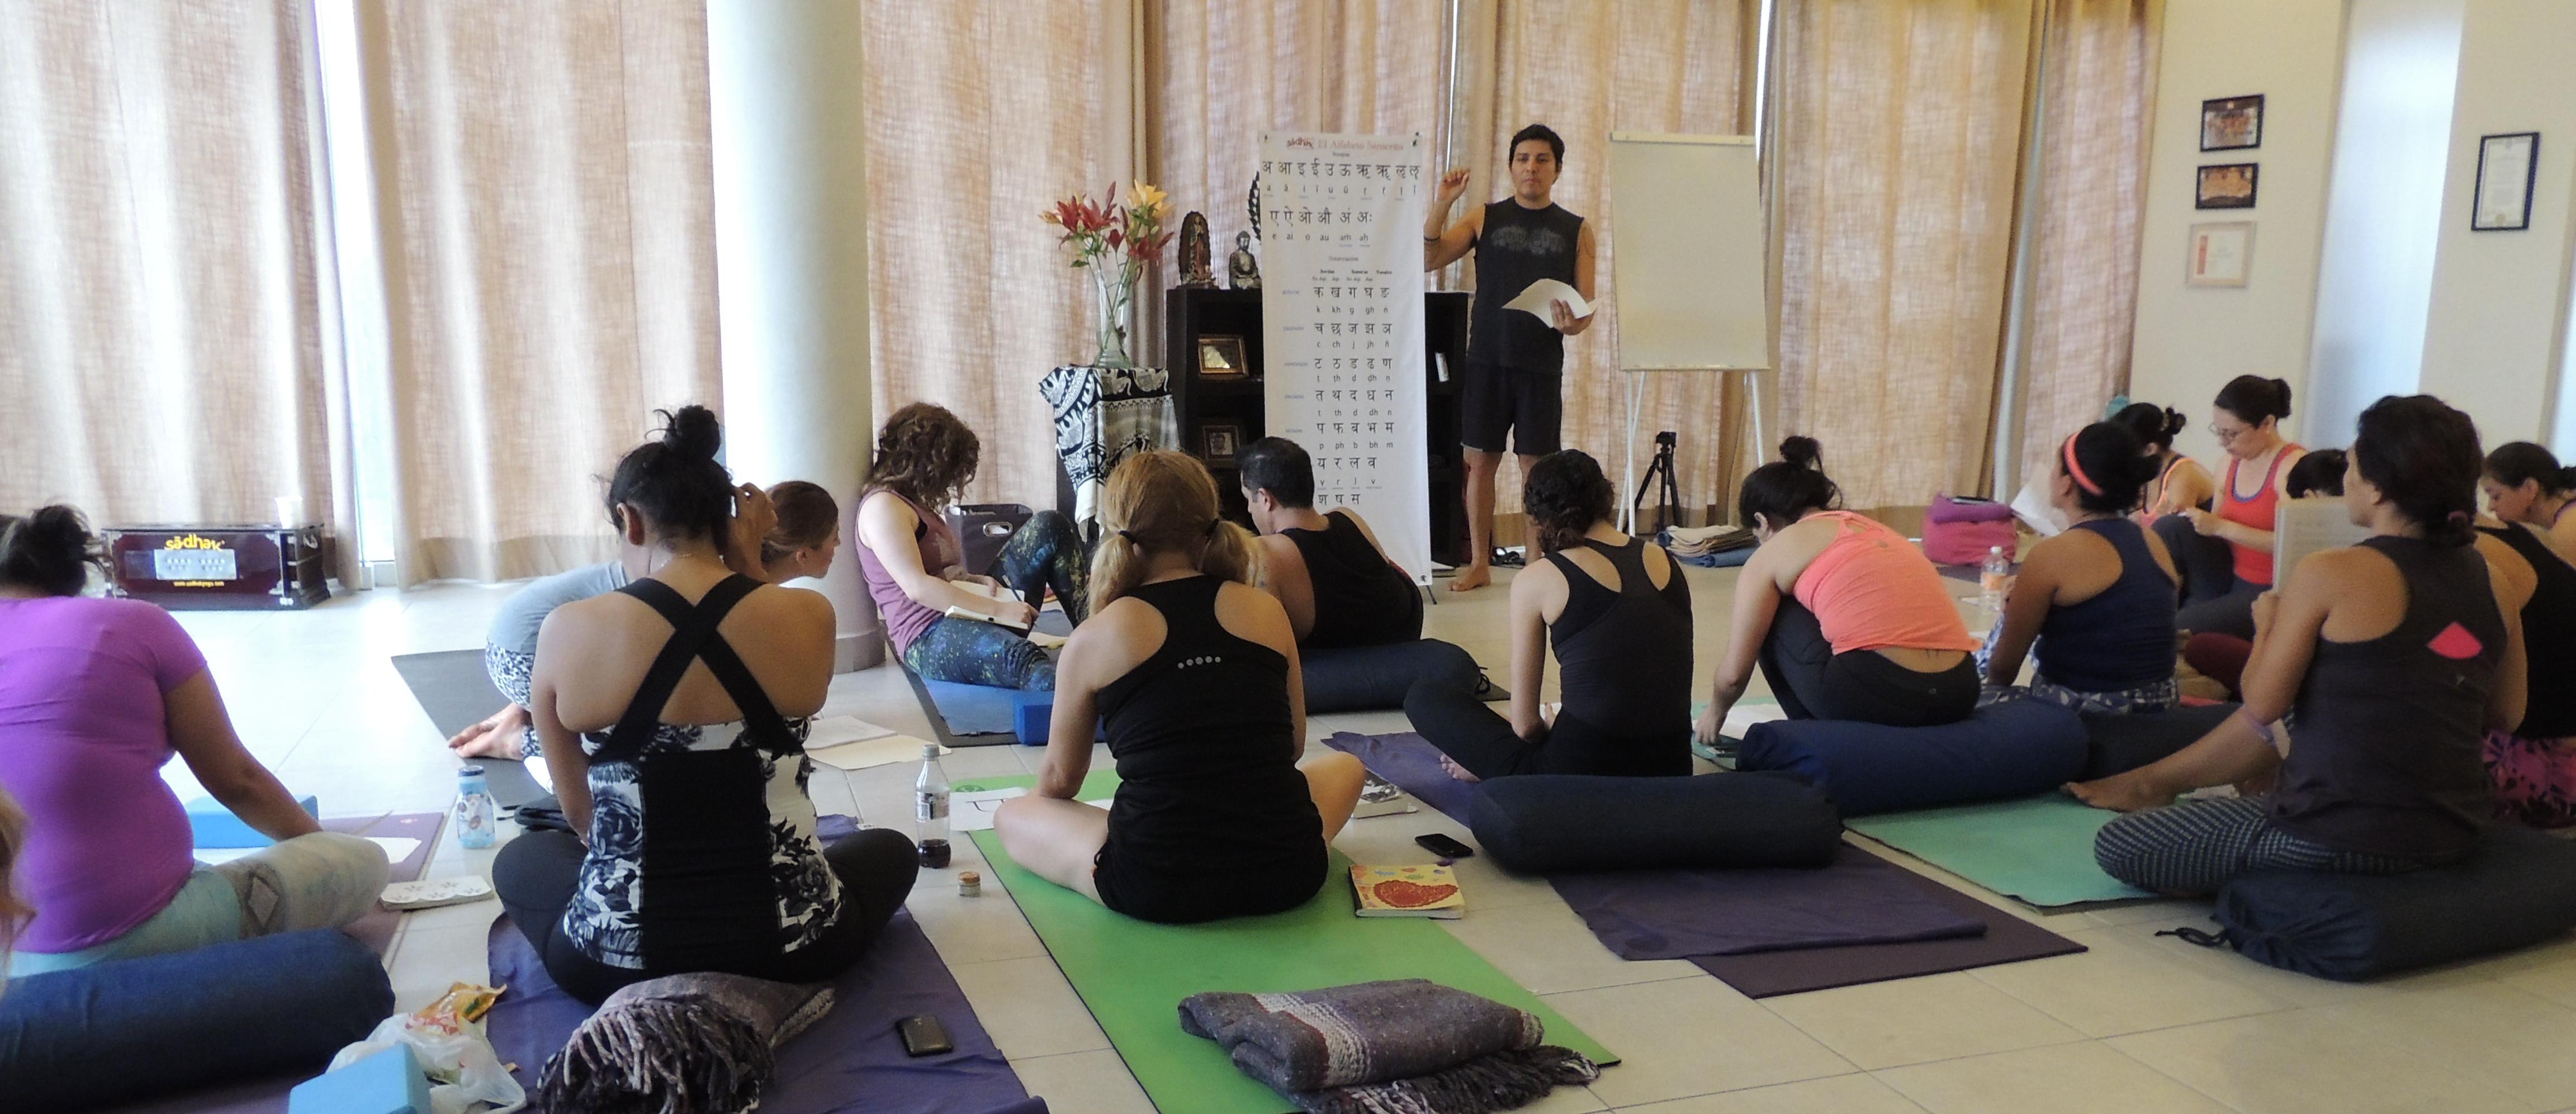 5 tips verdaderamente importantes para nuevos maestros de yoga ...